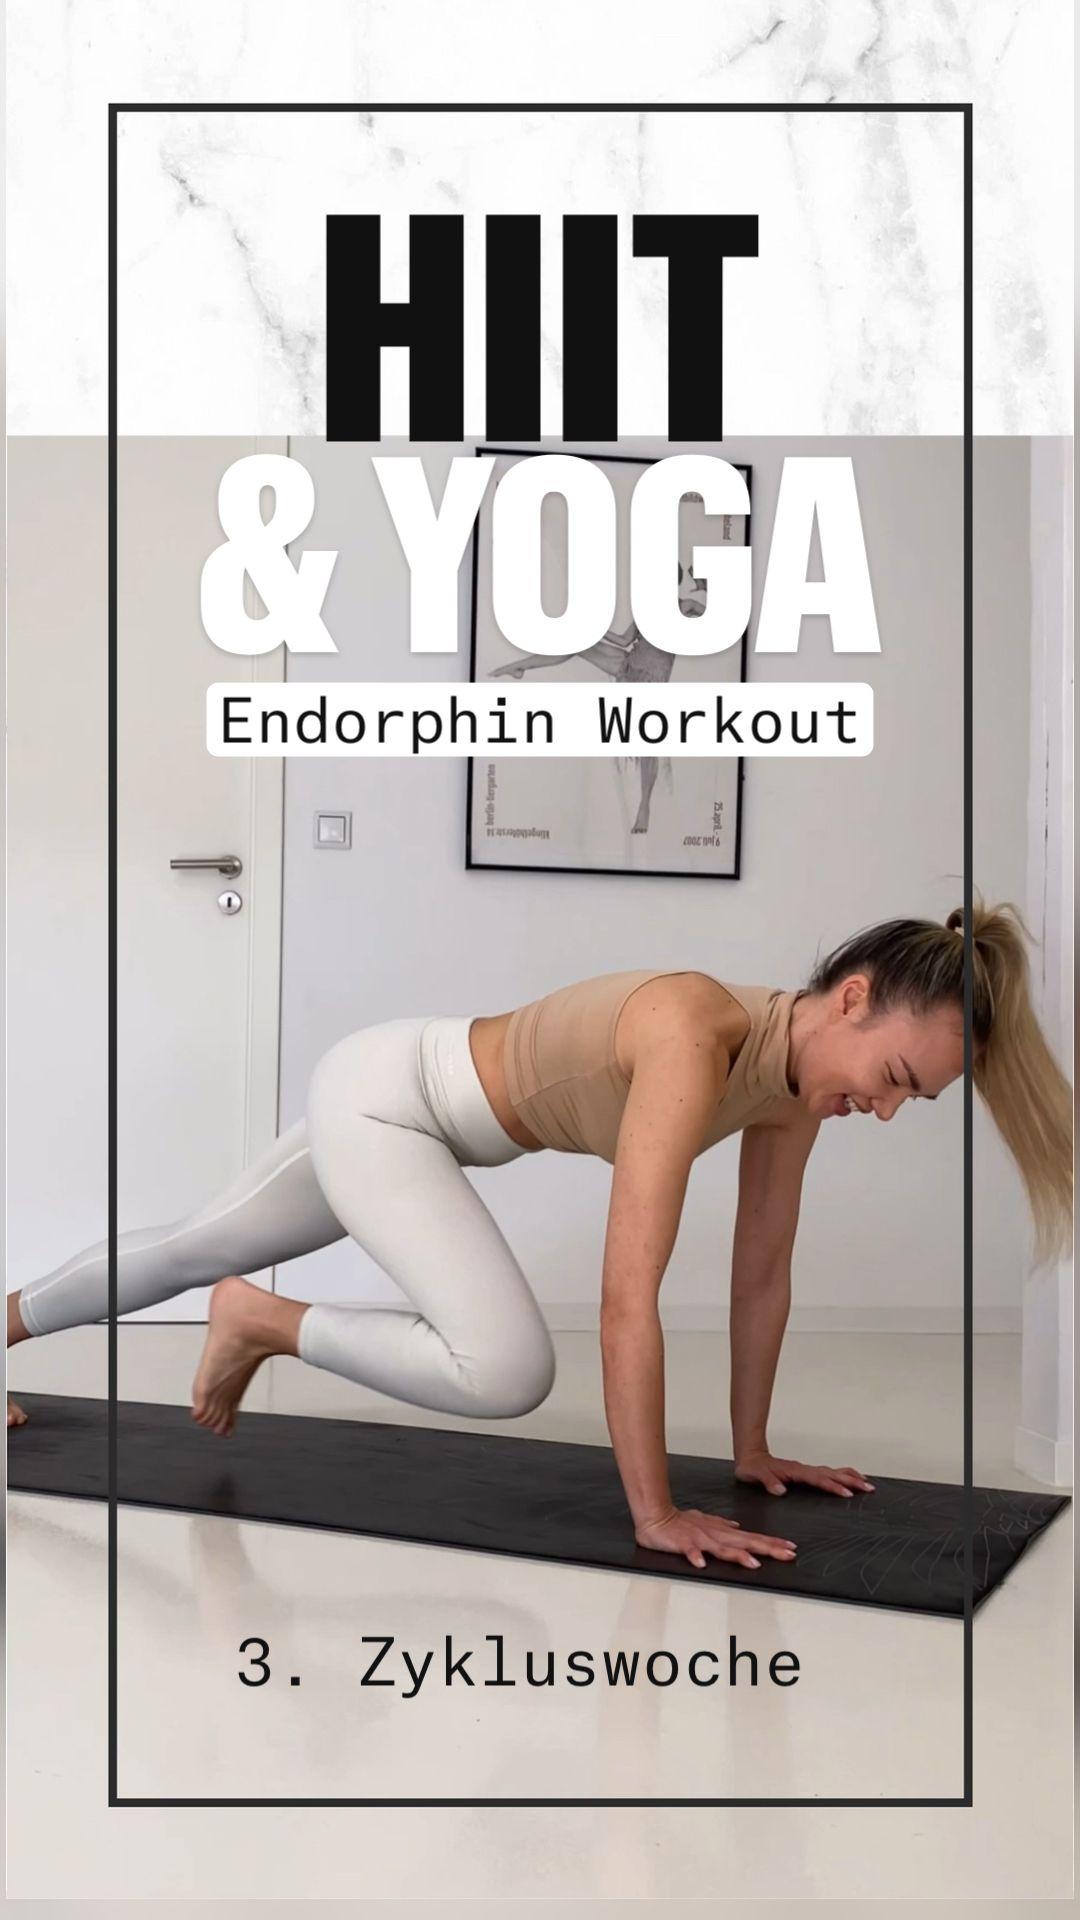 Hiit & Yoga Endorphin Workout